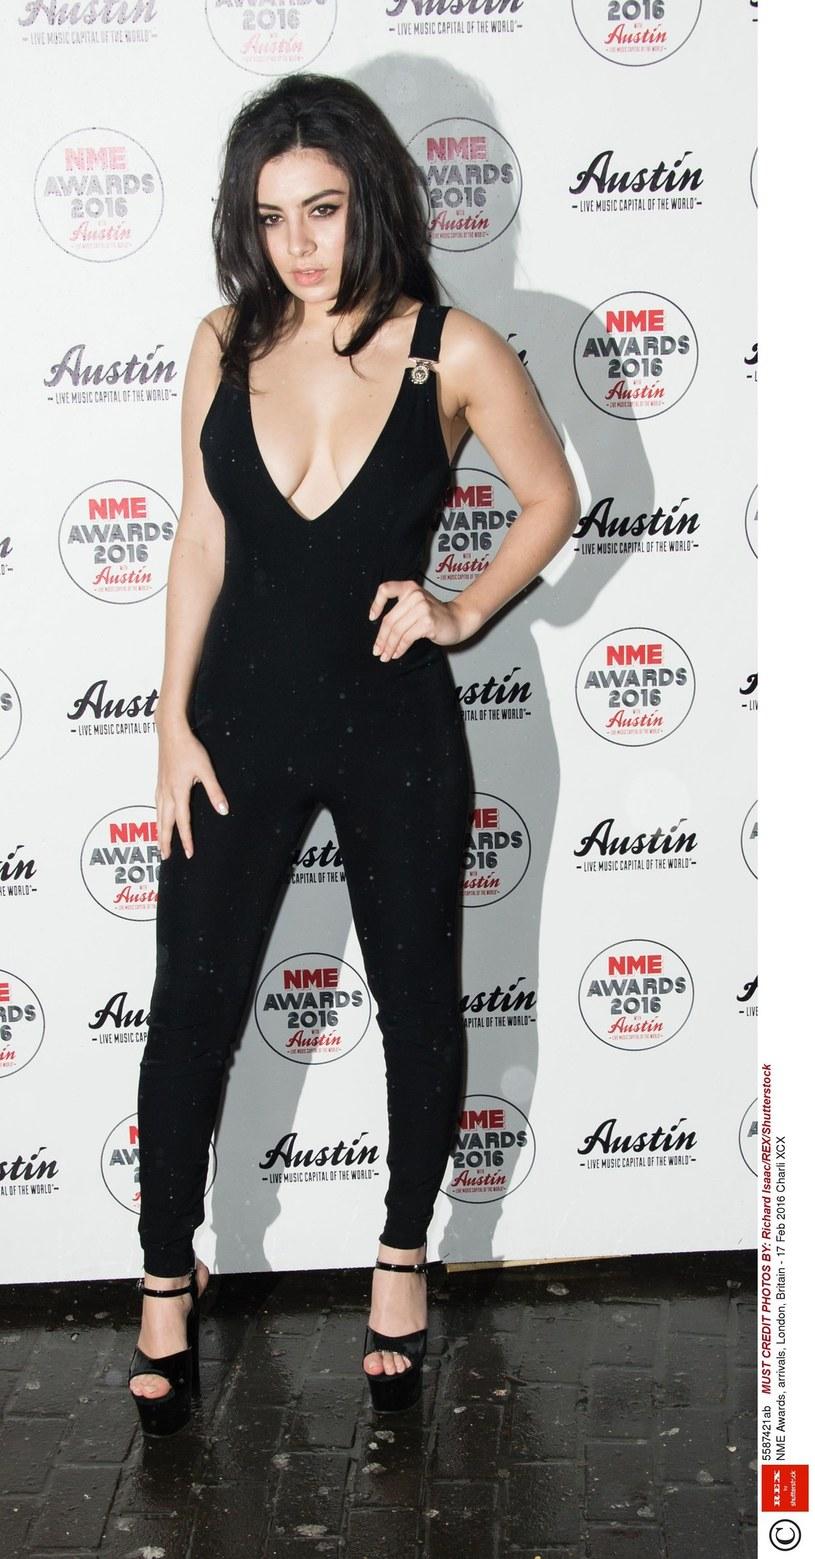 17 lutego w  Londynie odbyło się wręczenie prestiżowych nagród NME Awards 2016.